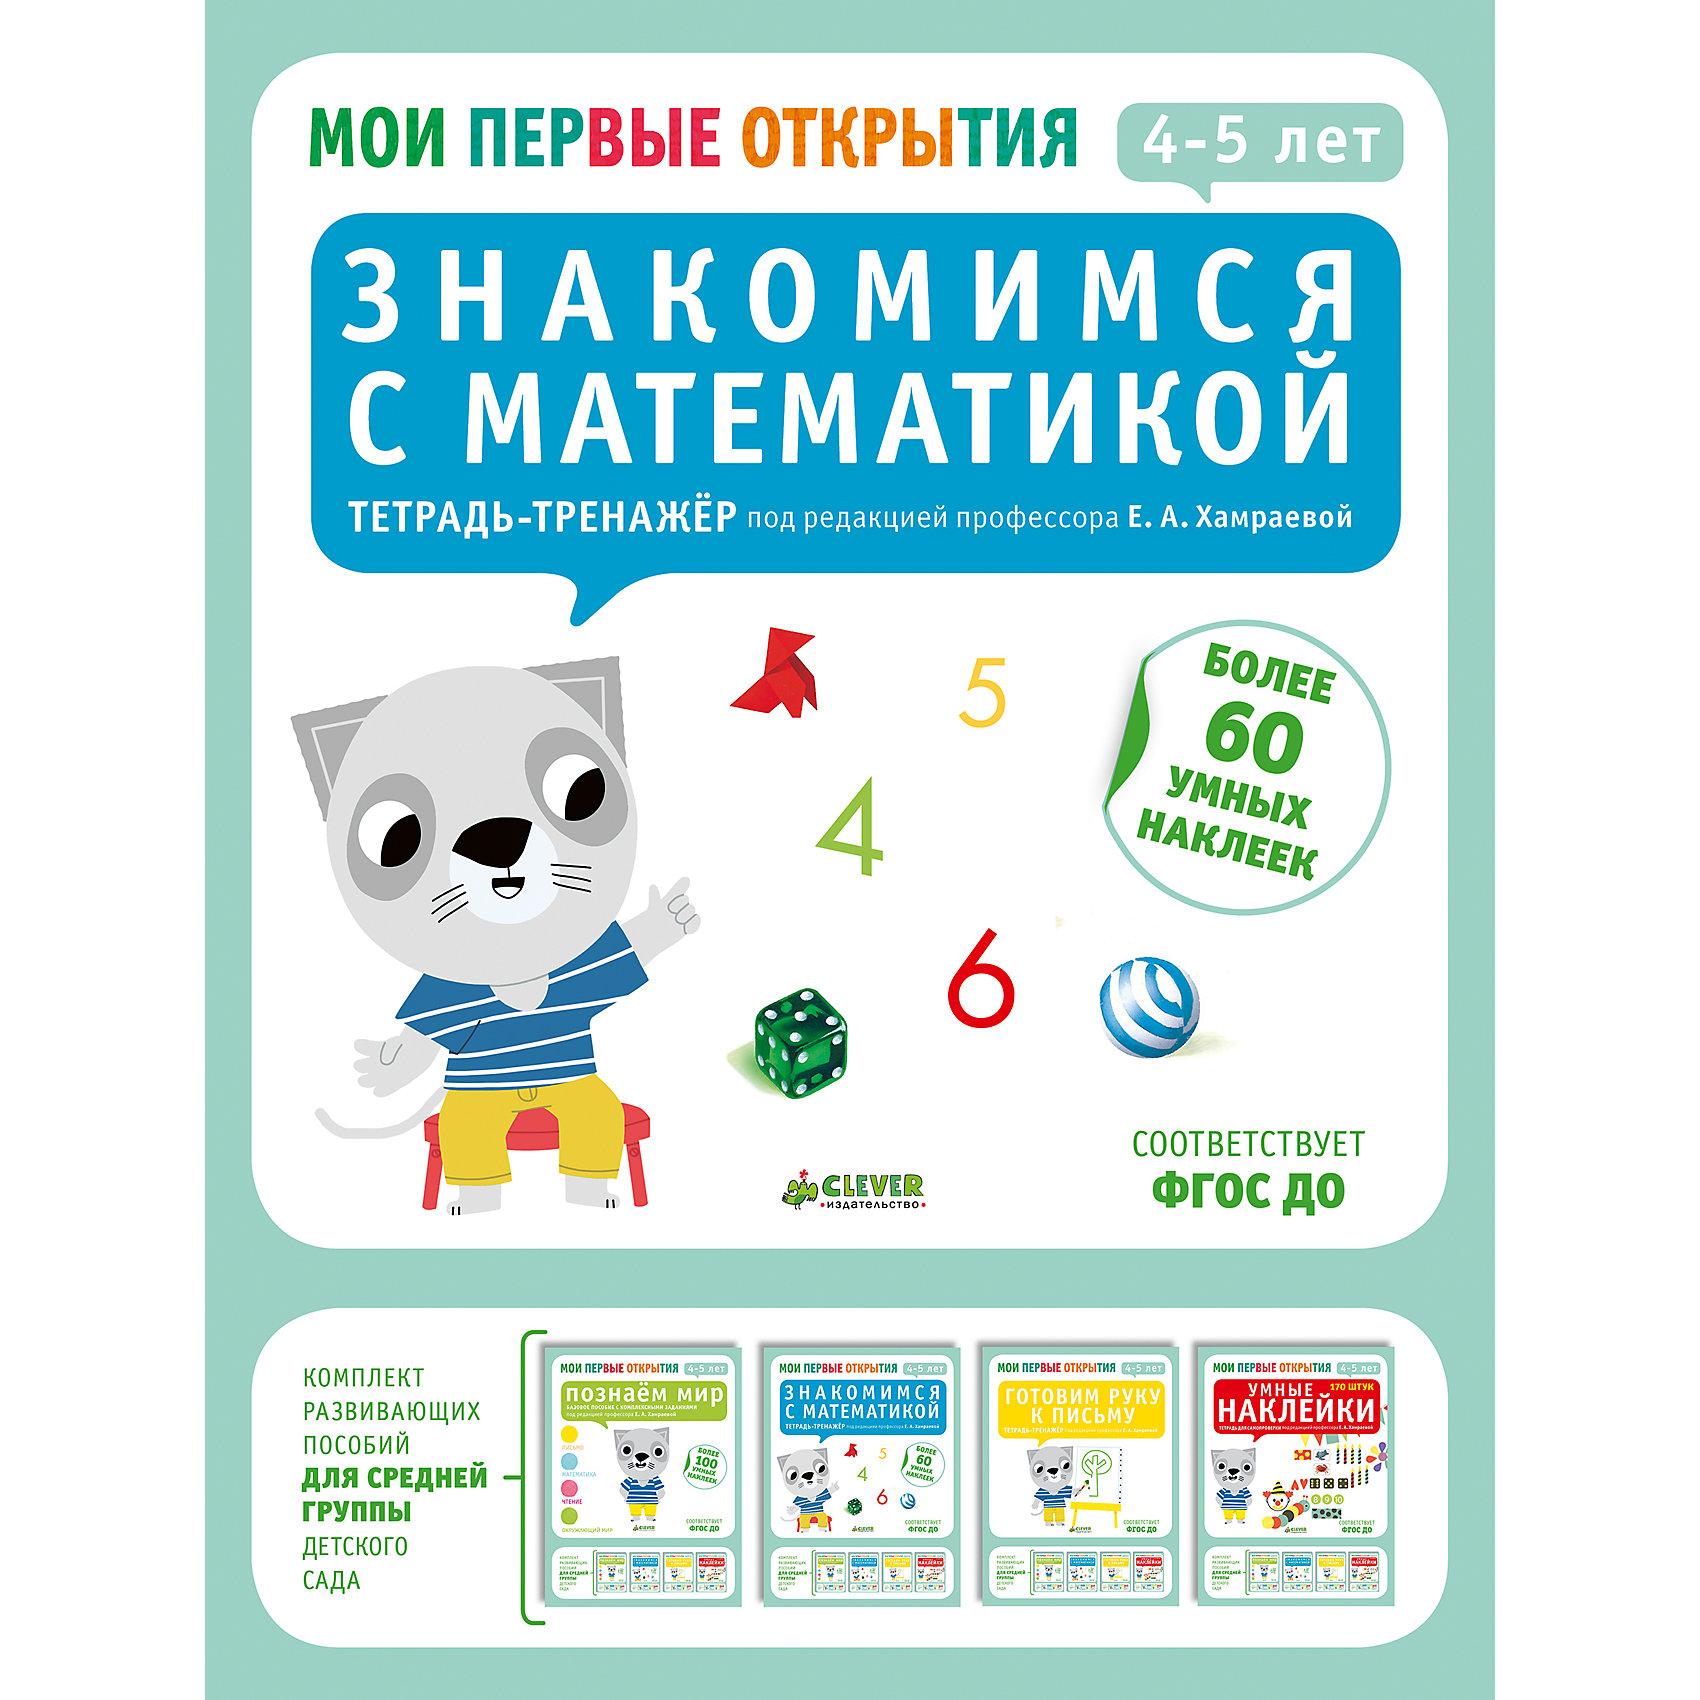 Знакомимся с математикой (4-5 лет), Ф. Руссо, Ю. Шове, Мои первые открытияРазвивающие книги<br>Знакомимся с математикой (4-5 лет), Ф. Руссо, Ю. Шове, Мои первые открытия<br><br>Характеристики:<br><br>• ISBN: 978-5-906856-05-0<br>• Кол-во страниц:32<br>• Возраст: от 4 до 5<br>• Формат: а4<br>• Размер книги: 289x218x4 мм<br>• Бумага: офсет<br>• Вес: 179 г<br>• Обложка: мягкая<br><br>Серия книг «Мои первые открытия» - это комплексное развивающее издание для детей от 2 до 7 лет. На каждый возраст разработан комплект из 4 тетрадей. Данная книга подходит для занятий с ребенком от 4 до 5 лет. Задания в этой книге выполняются только с помощью ярких красочных наклеек, что делает для ребенка процесс обучения интересным и увлекательным. Ребенок научиться ощущать контур карандашом, освоит базовые понятия и сделает первые шаги к школе. <br><br>Такой род работы развивает мелкую моторику ребенка и тактильные ощущения. Серия успешно прошла апробацию в дошкольных учреждениях Франции и с 2010 года рекомендована в качестве основного комплекта развивающих пособий, соответствует ФГОС.<br><br>Знакомимся с математикой (4-5 лет), Ф. Руссо, Ю. Шове, Мои первые открытия можно купить в нашем интернет-магазине.<br><br>Ширина мм: 290<br>Глубина мм: 220<br>Высота мм: 5<br>Вес г: 181<br>Возраст от месяцев: 48<br>Возраст до месяцев: 72<br>Пол: Унисекс<br>Возраст: Детский<br>SKU: 5377794